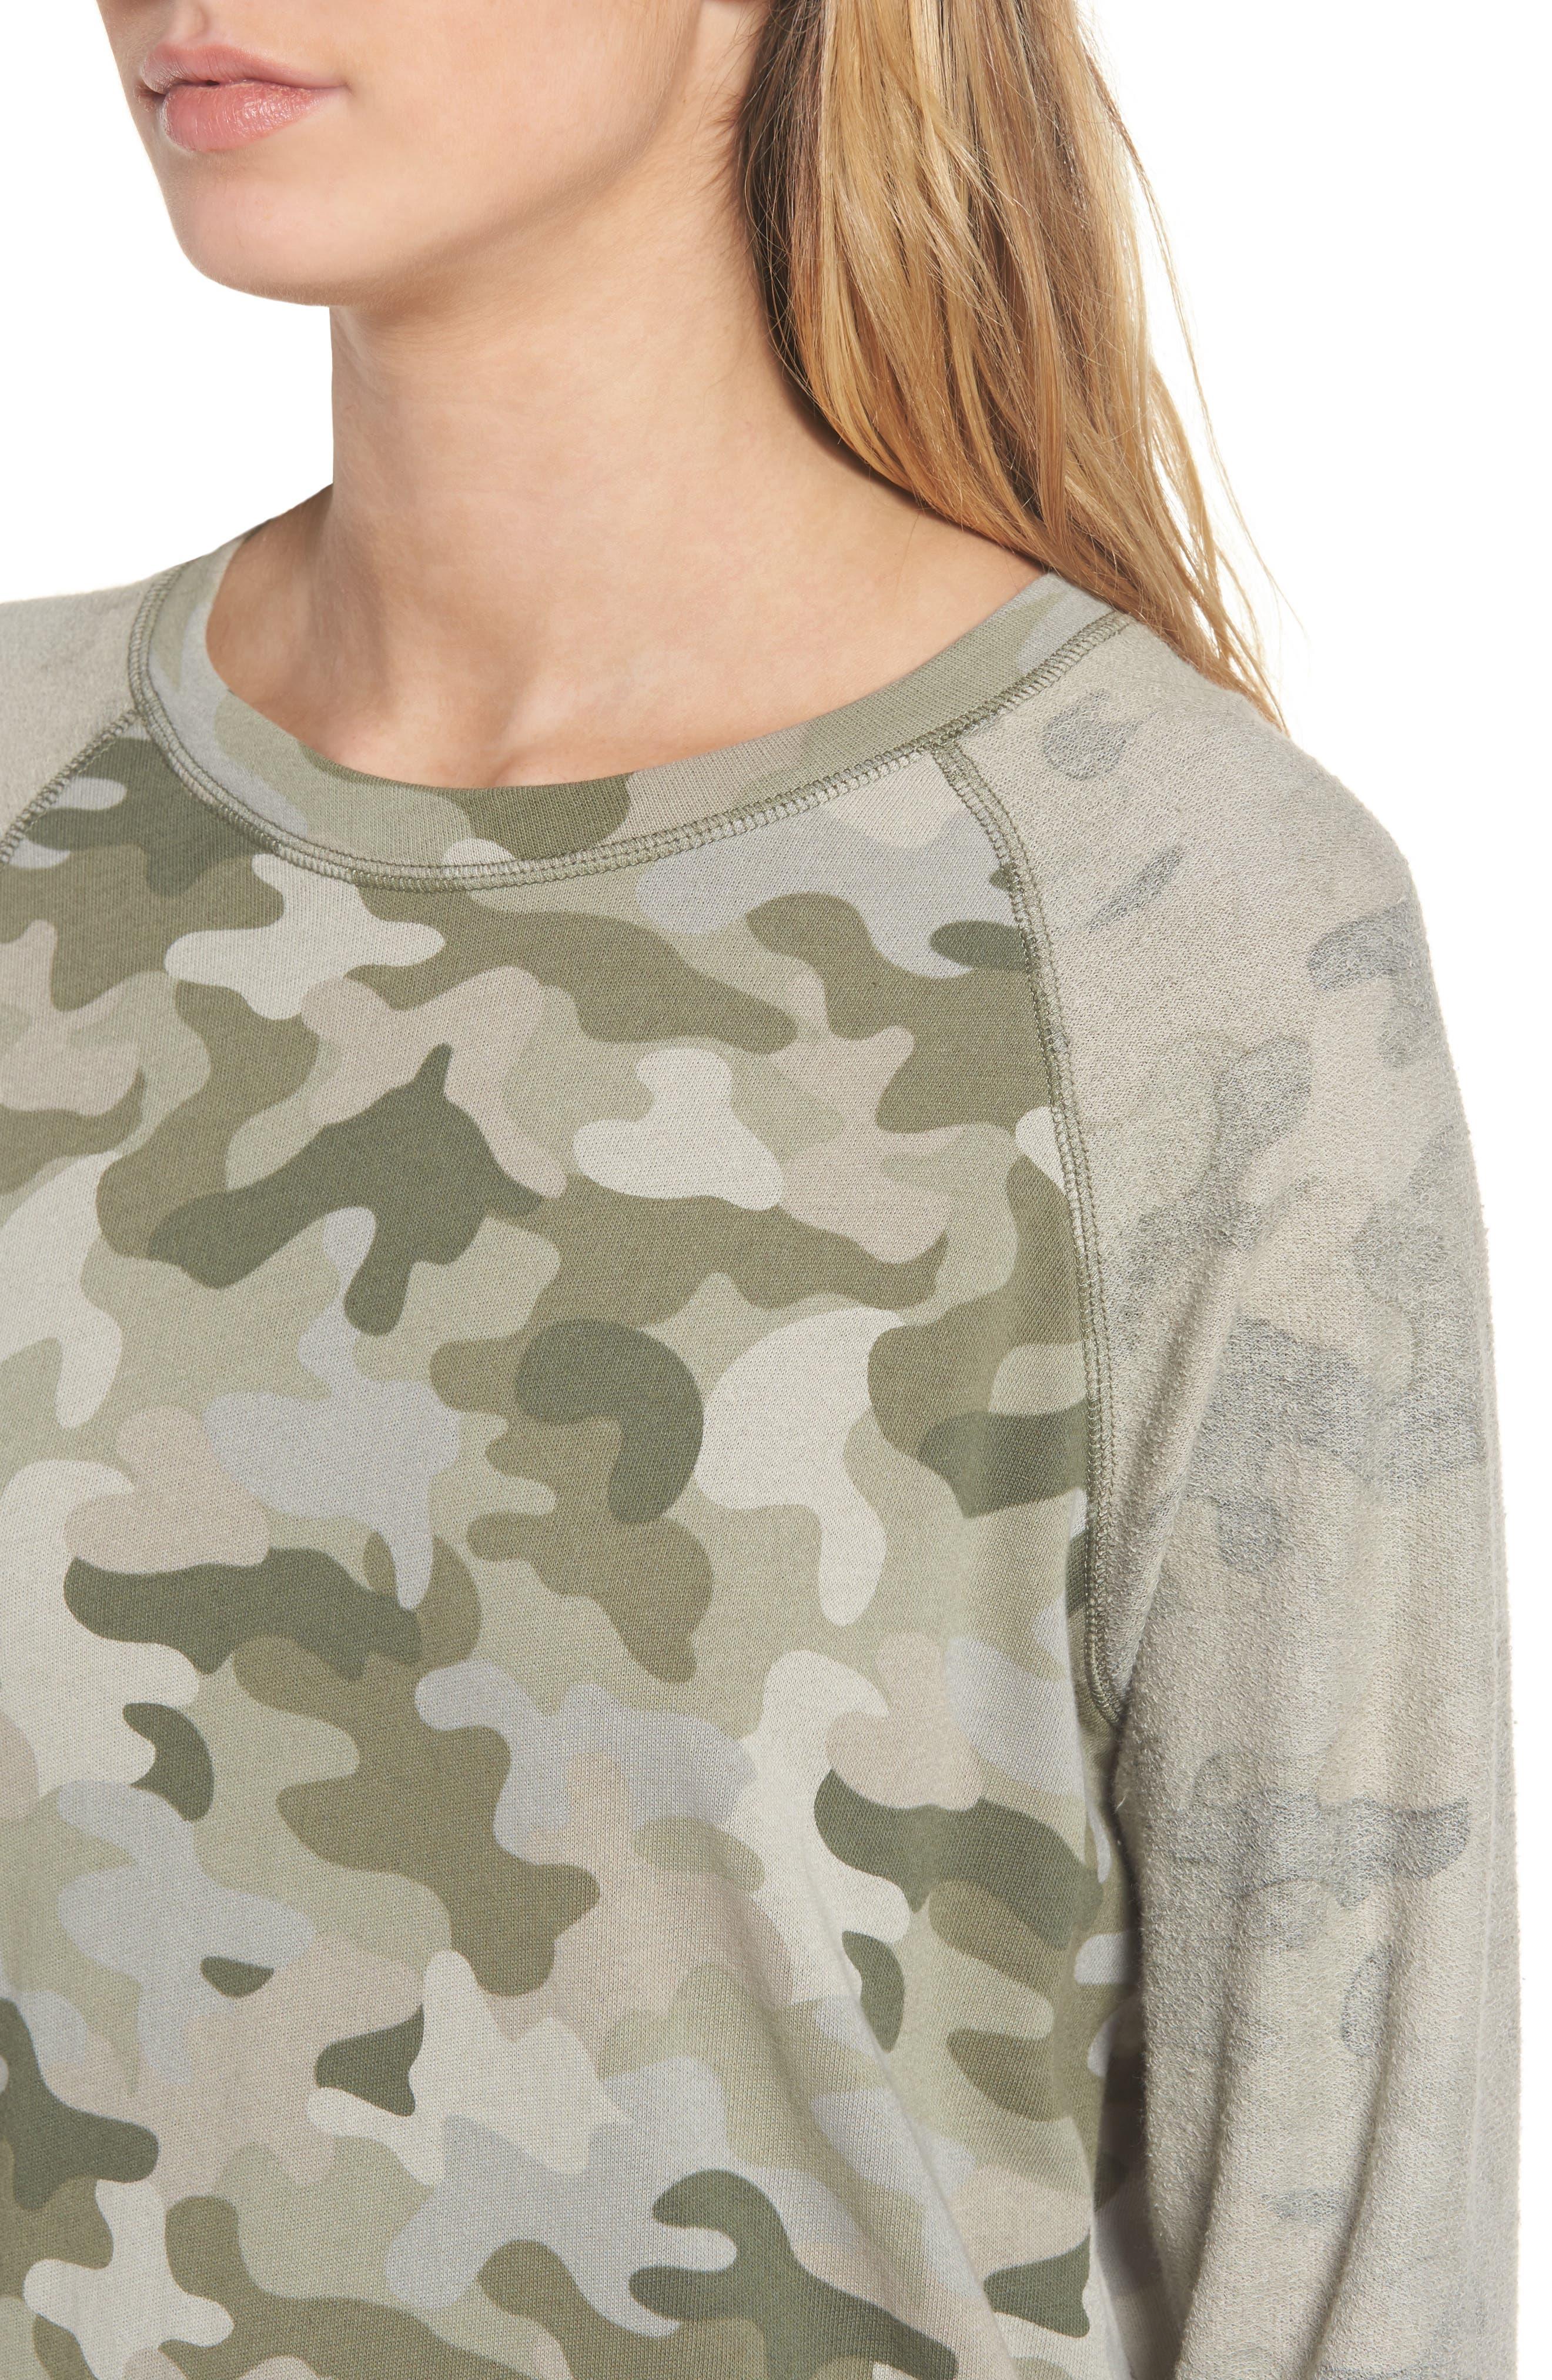 Georgia T-Shirt Dress,                             Alternate thumbnail 4, color,                             340